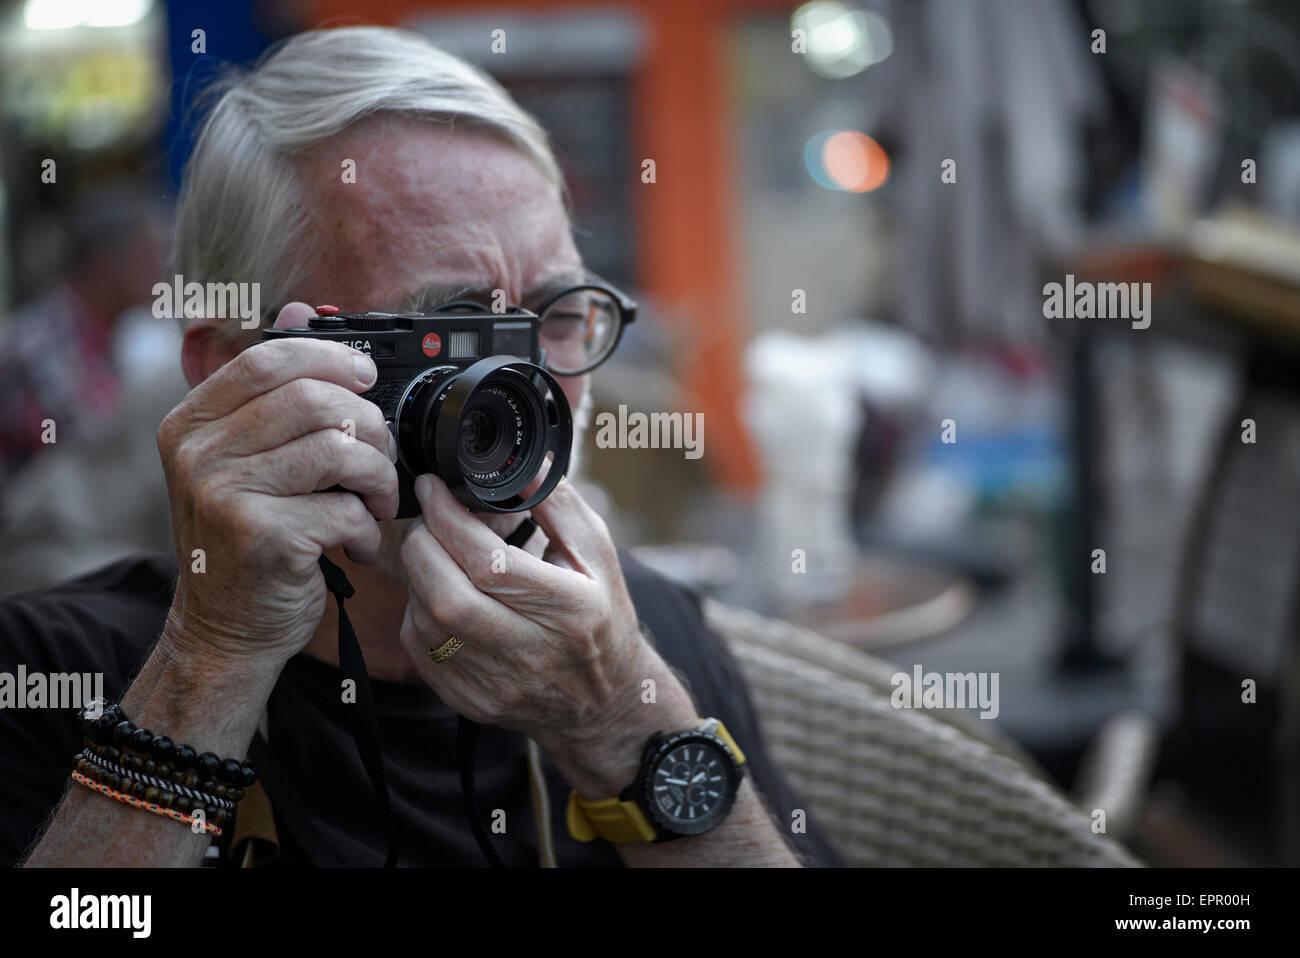 Entfernungsmesser Für Fotografie : Fotograf mit einem vintage leica m6 entfernungsmesser film kamera